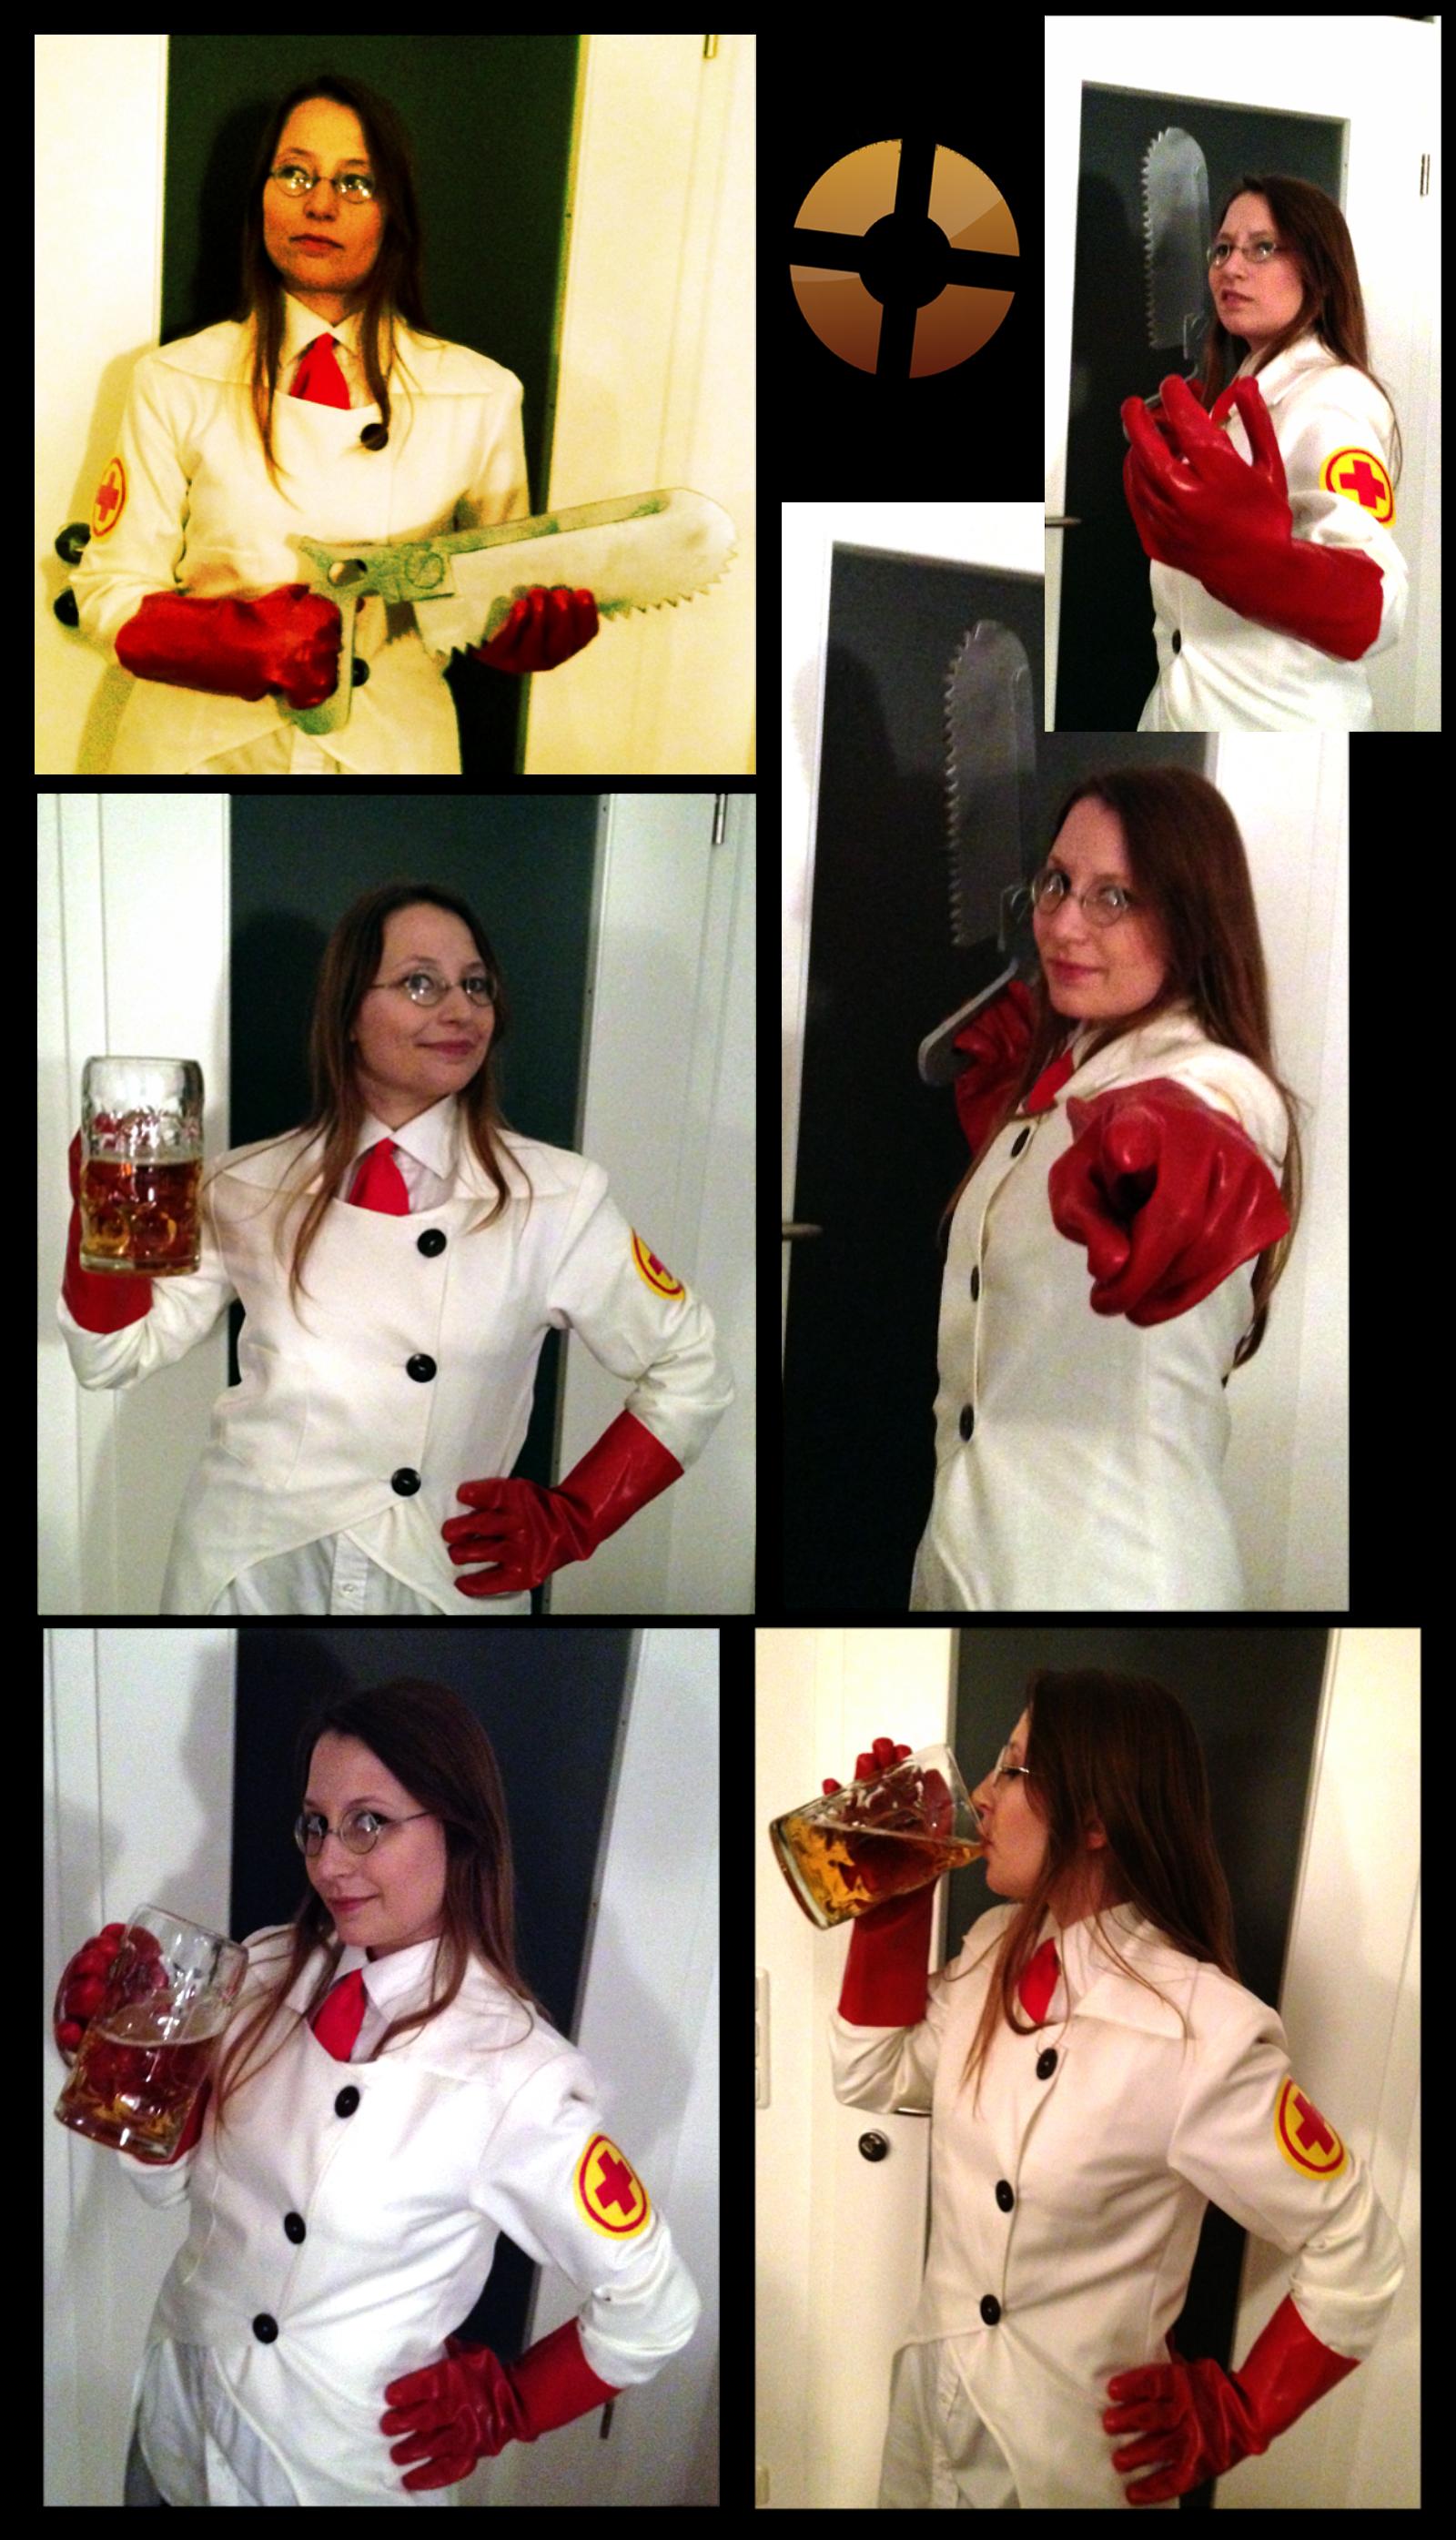 Medic Female by eente